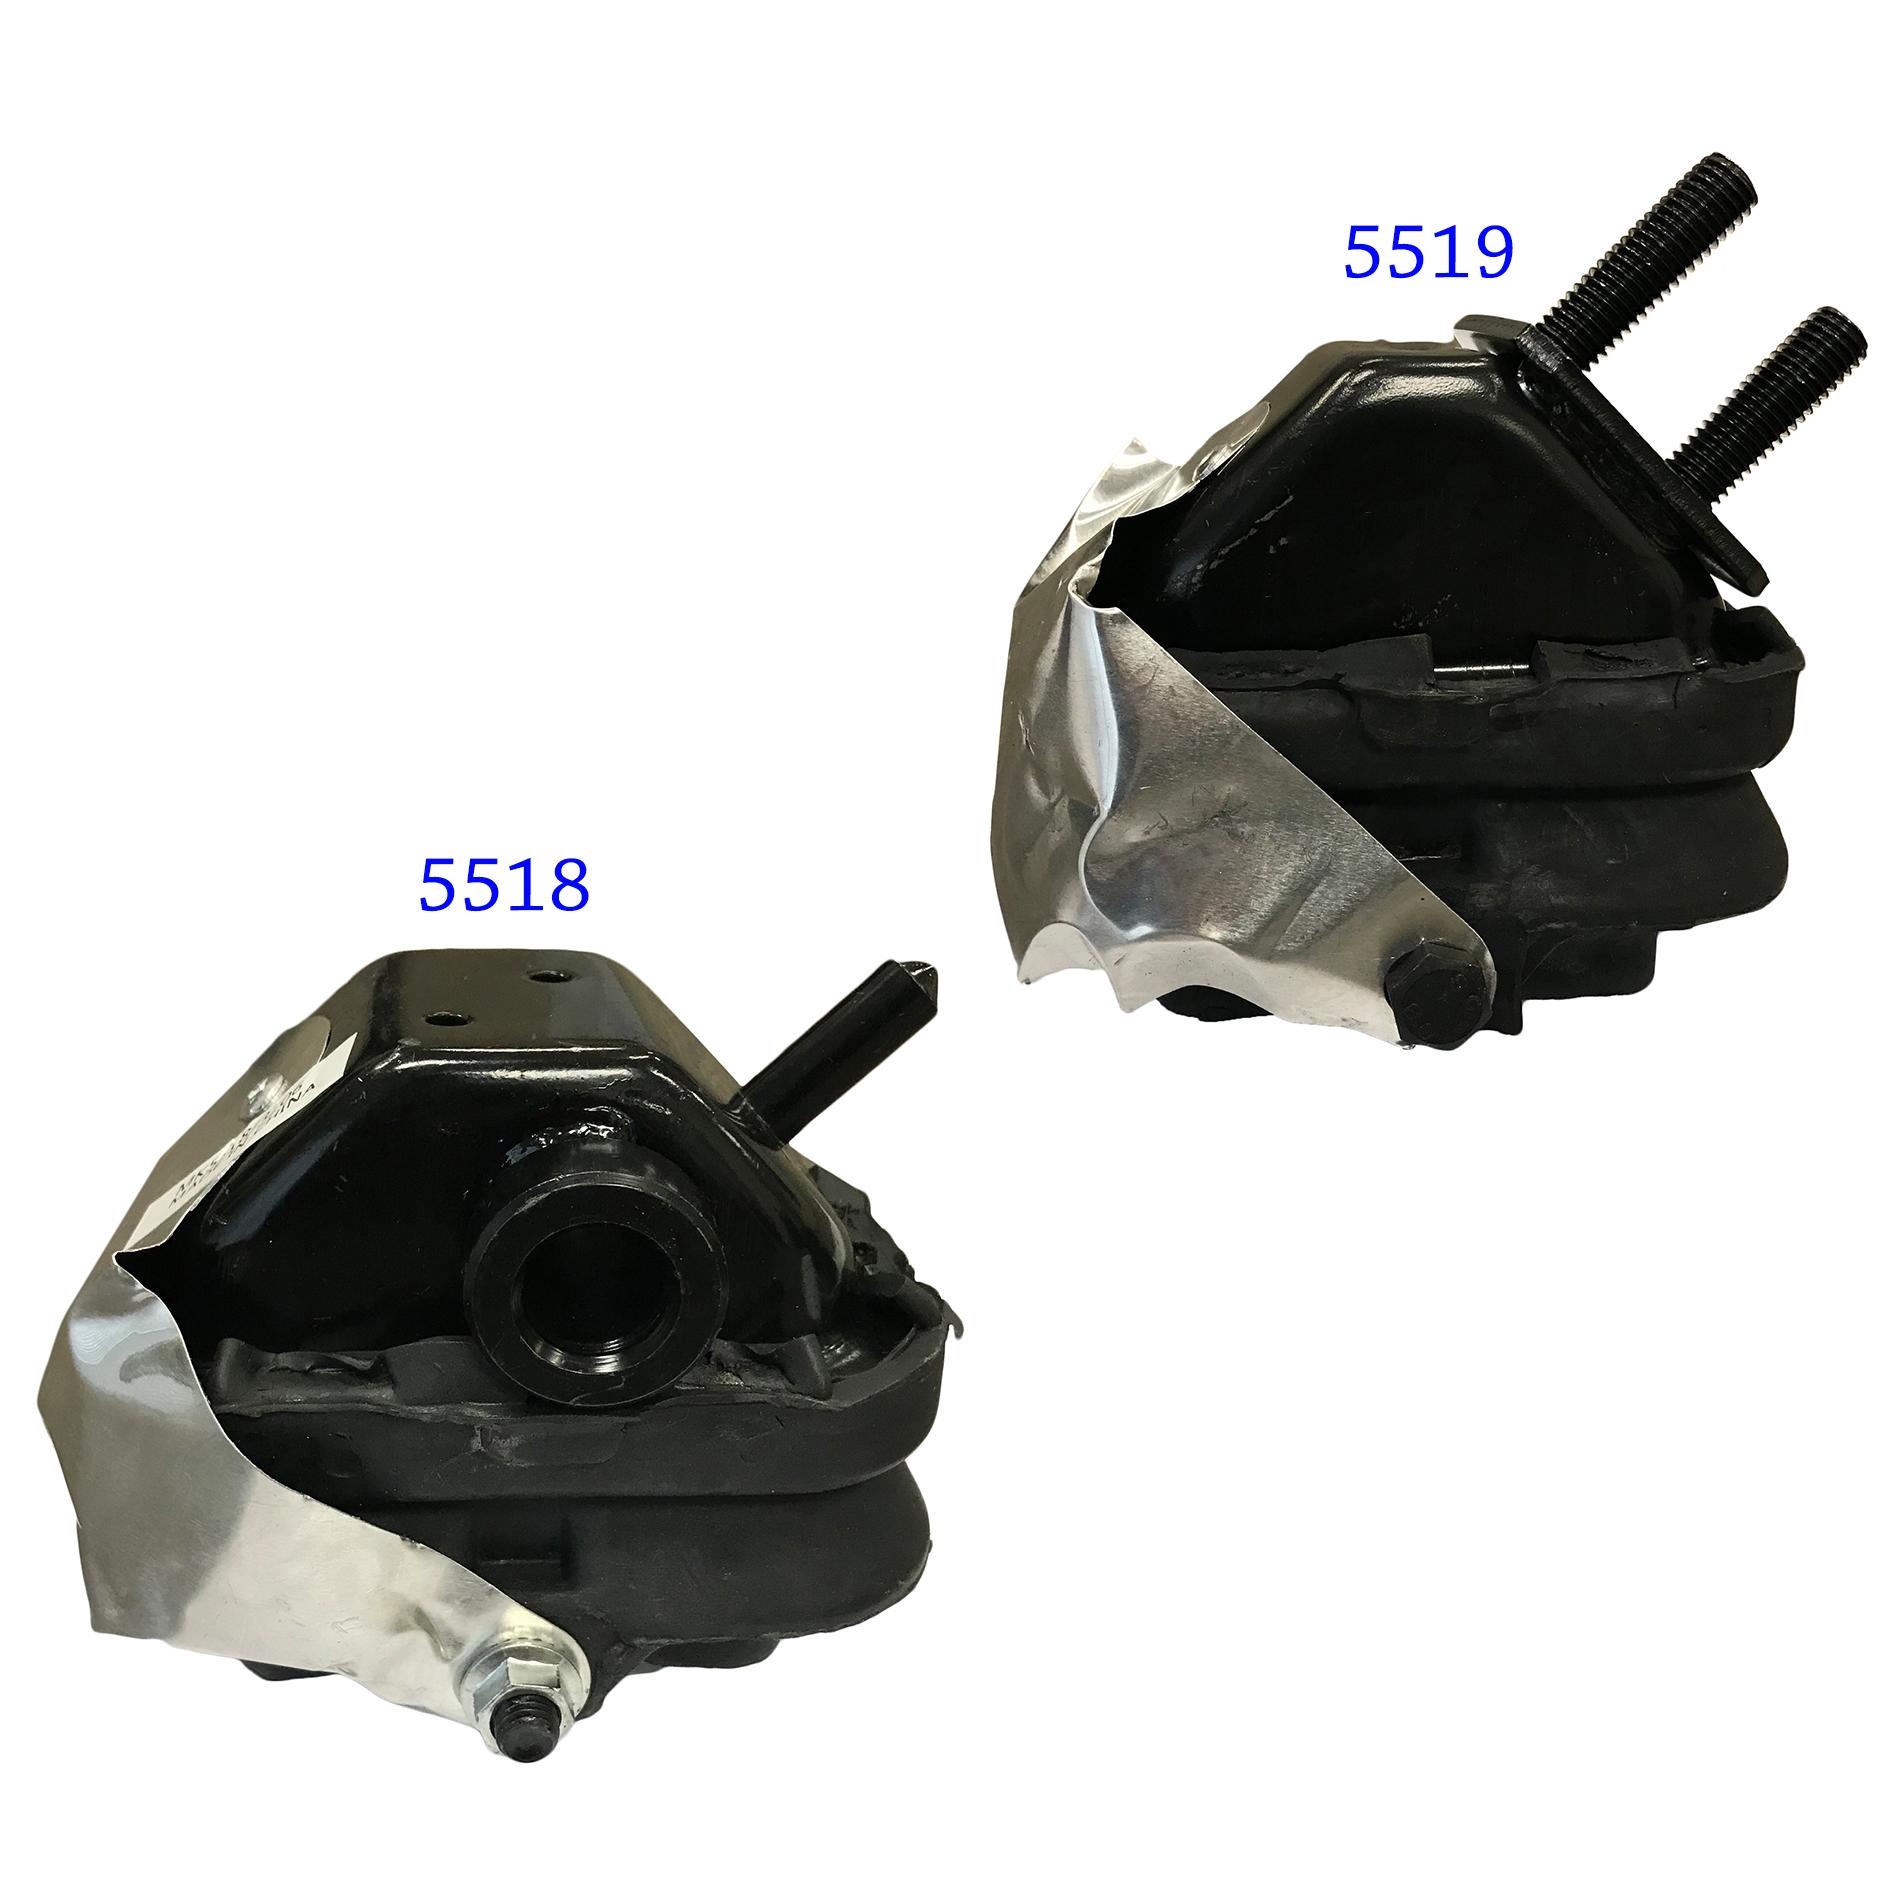 Front Left /& Front Right Motor Mounts Set 2PCS for 05-08 Ford F-150 V8 4.6L//5.4L